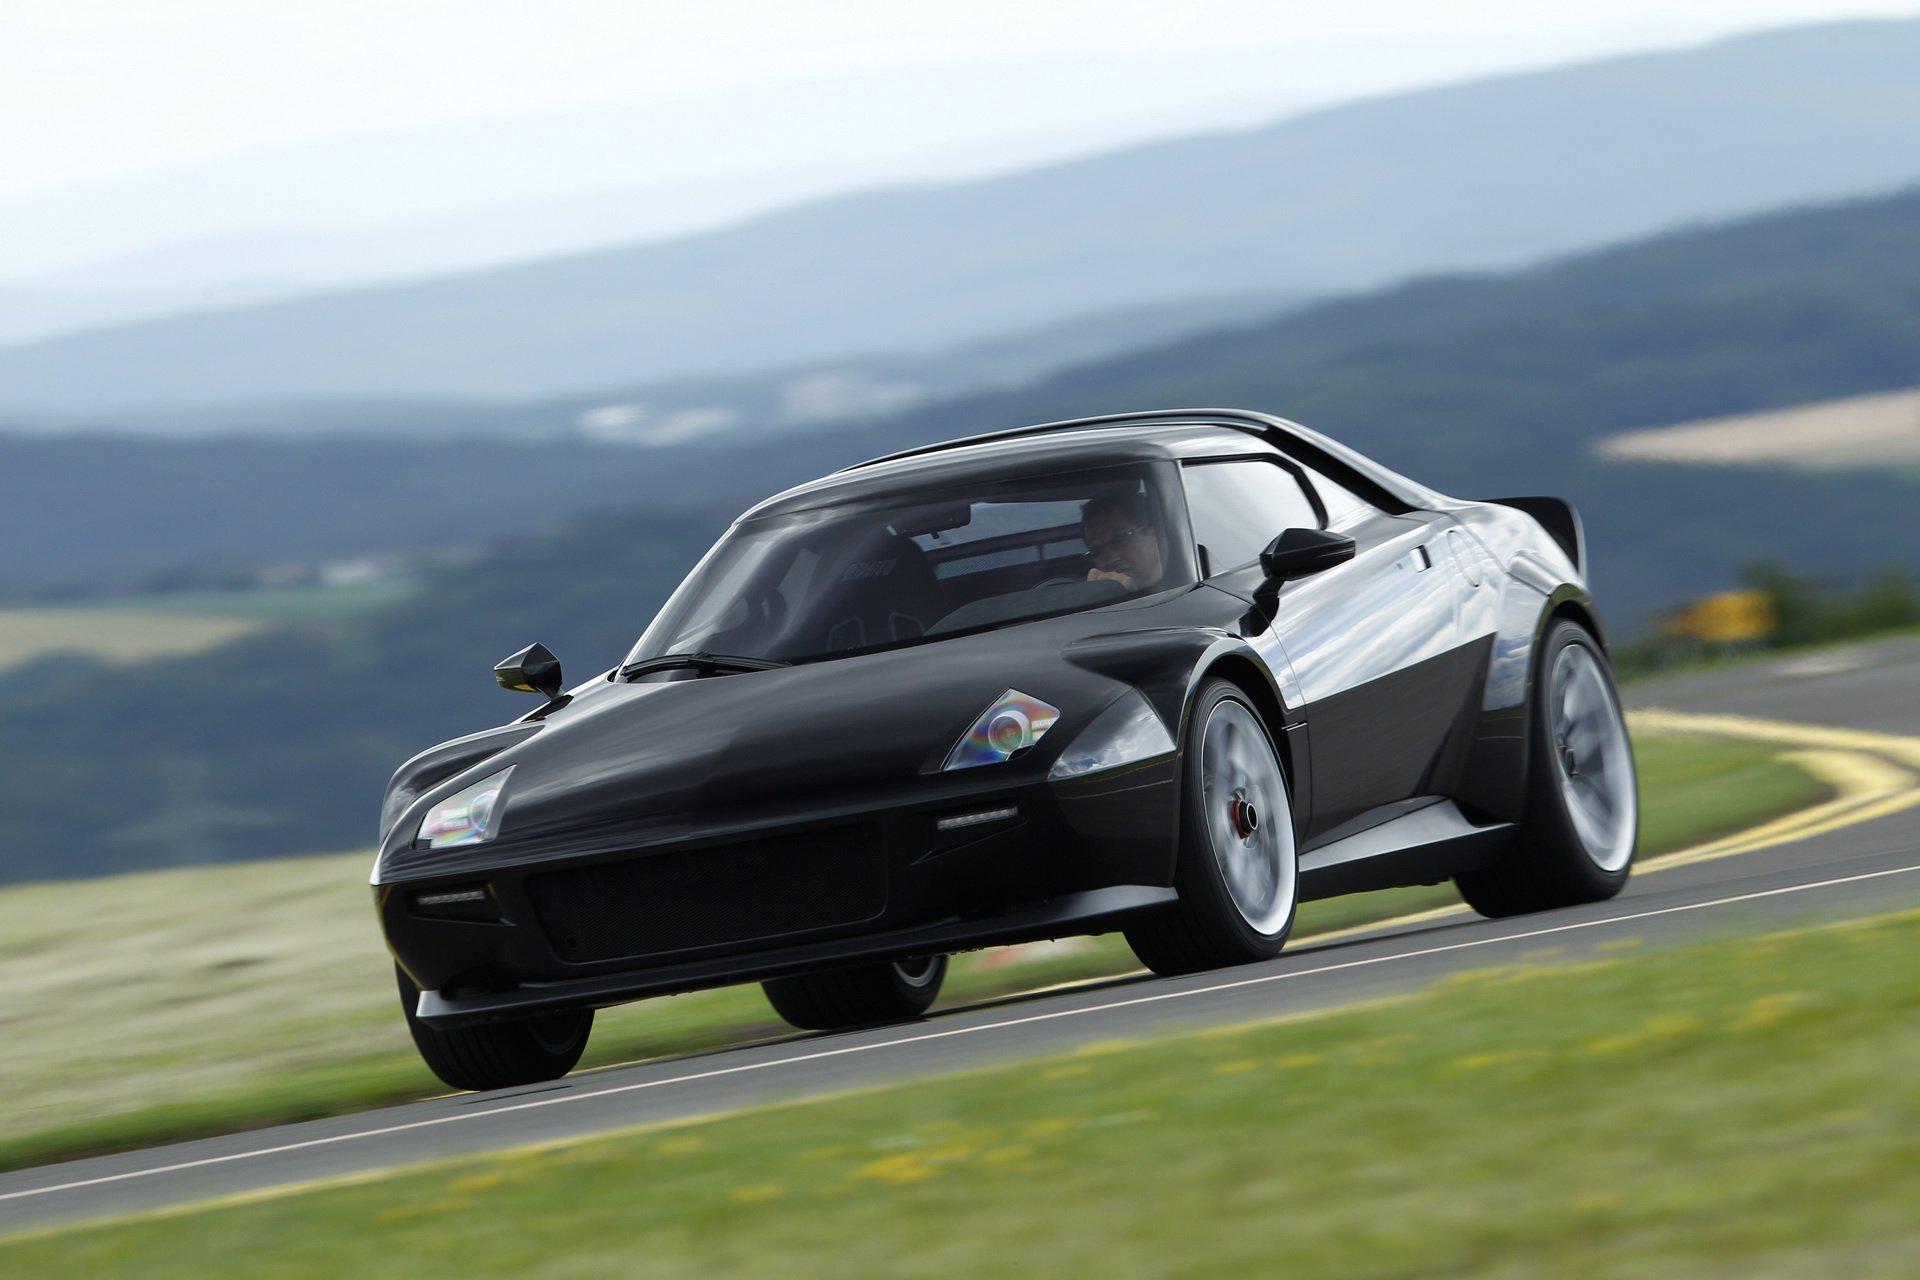 O Lancia Stratos está de volta com base Ferrari, produção limitada a 25 exemplares e preço de 500.000€